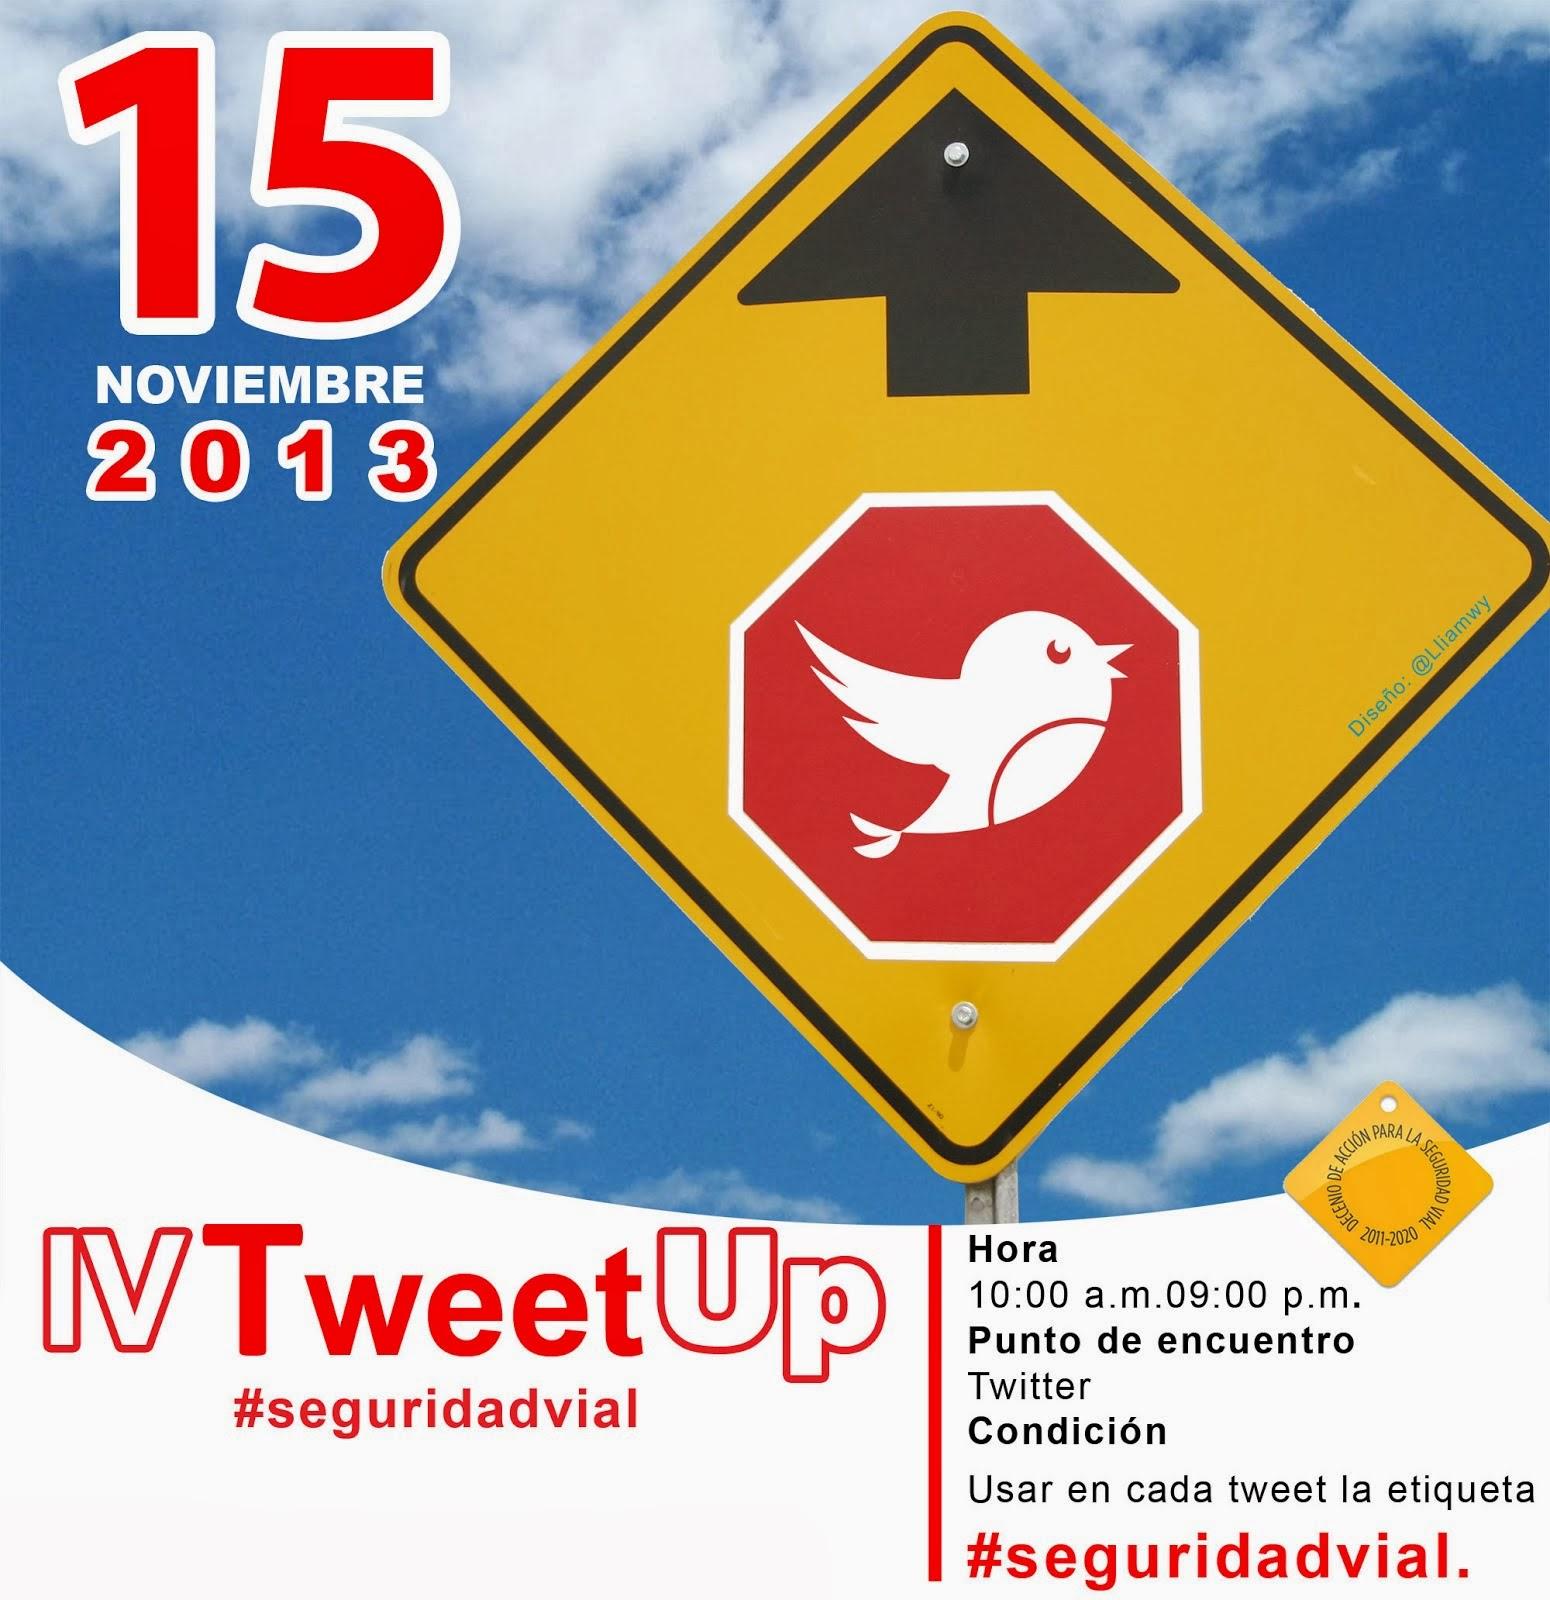 IV TweetUp de #SeguridadVial 15 Nov